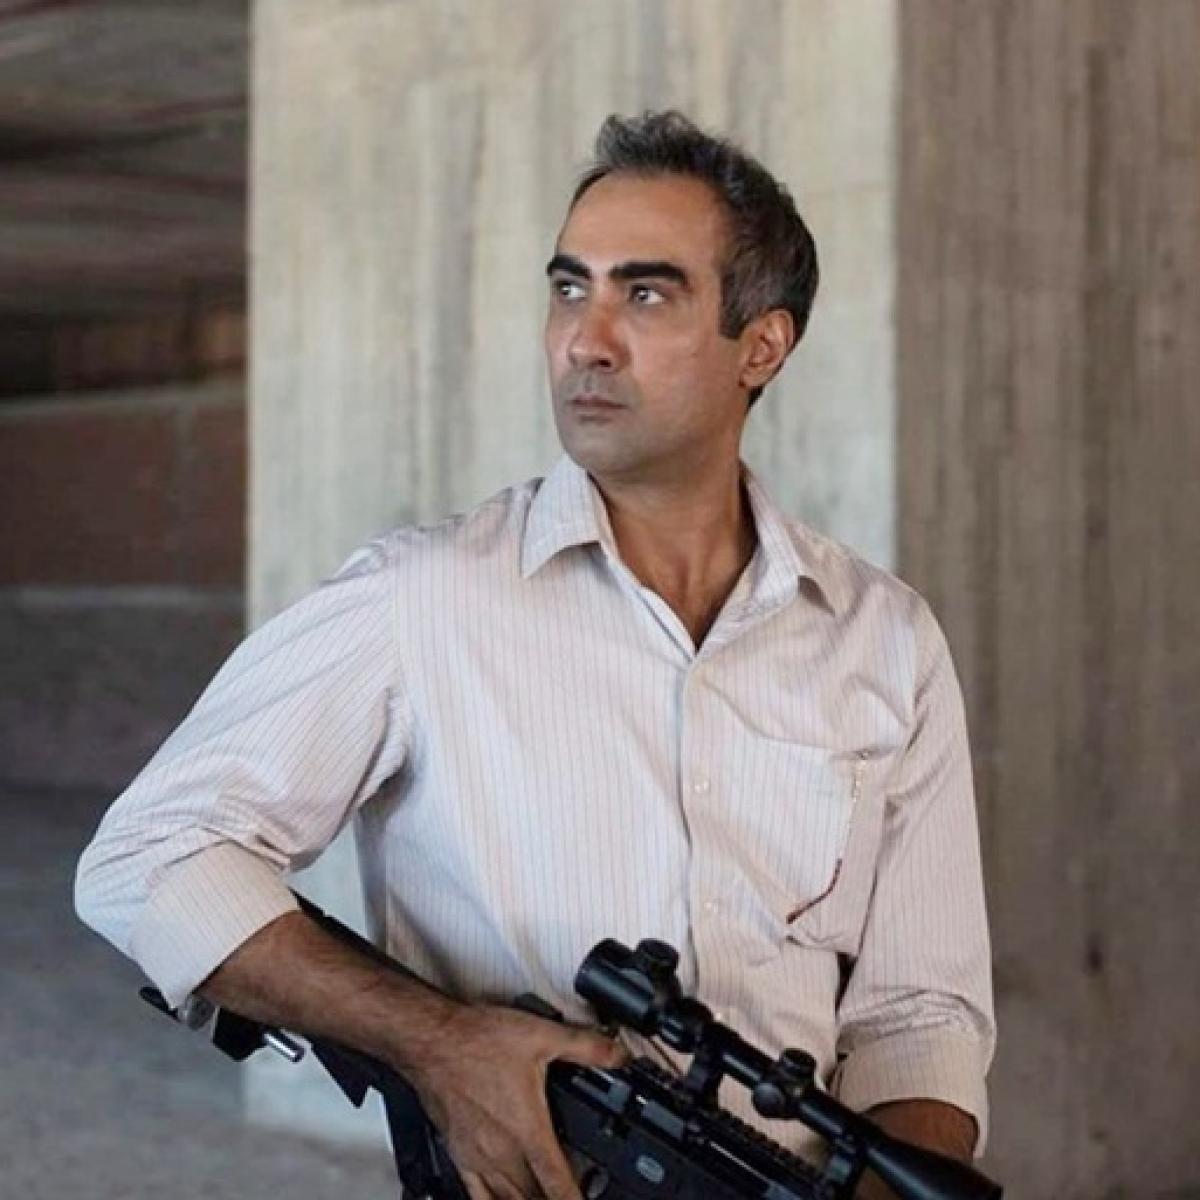 CAA Protests: Ranvir Shorey loses cool, terms it #MeToo after woman calls him ch****e